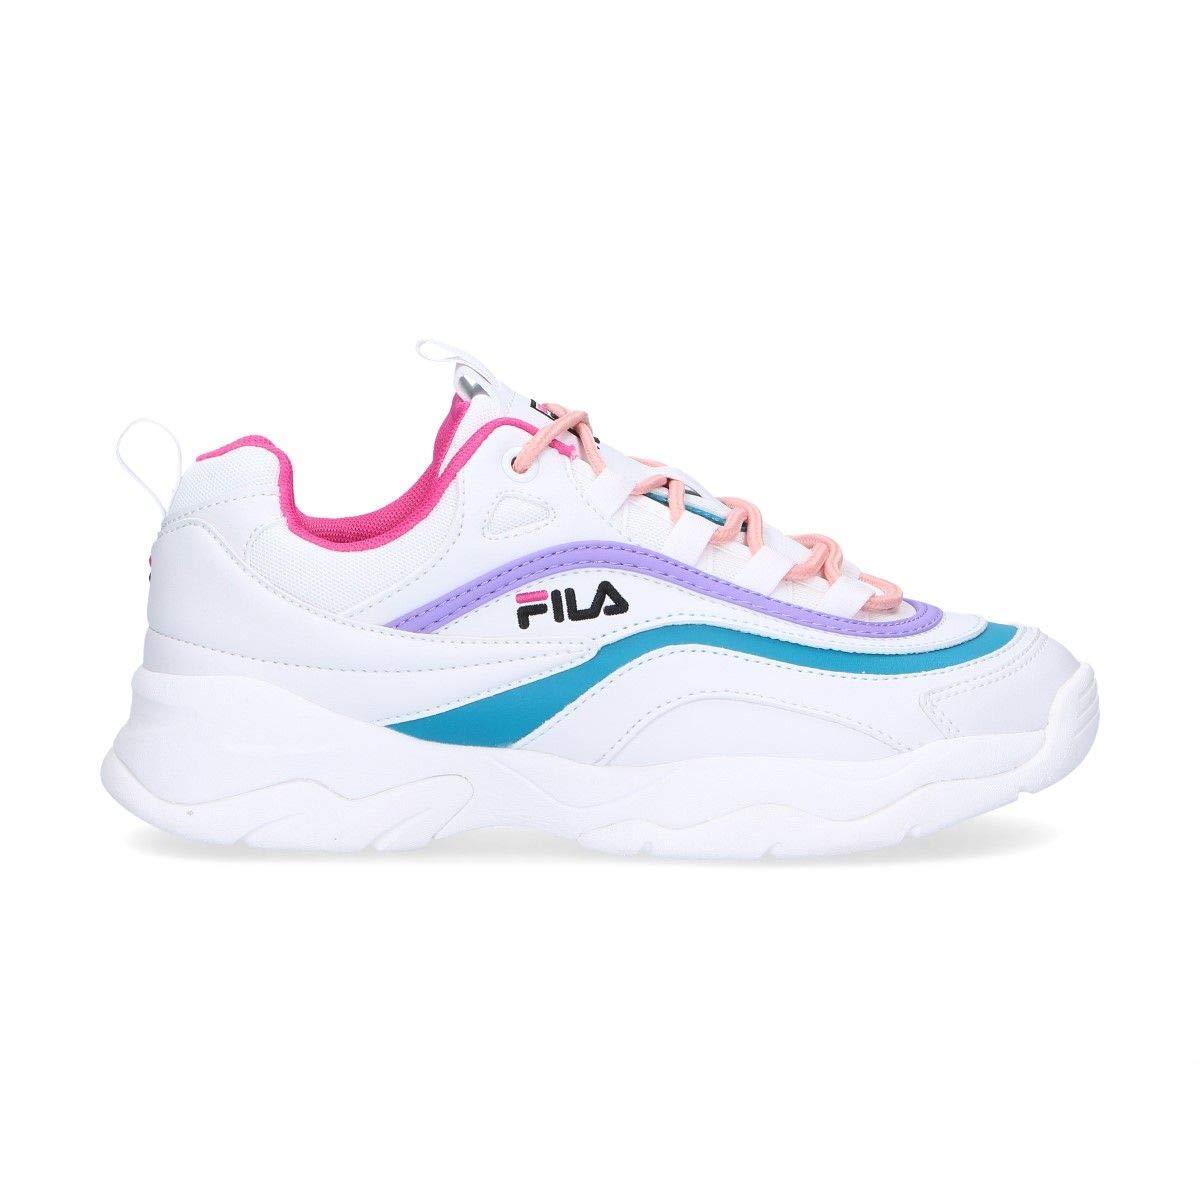 Women's White Polyurethane Sneakers